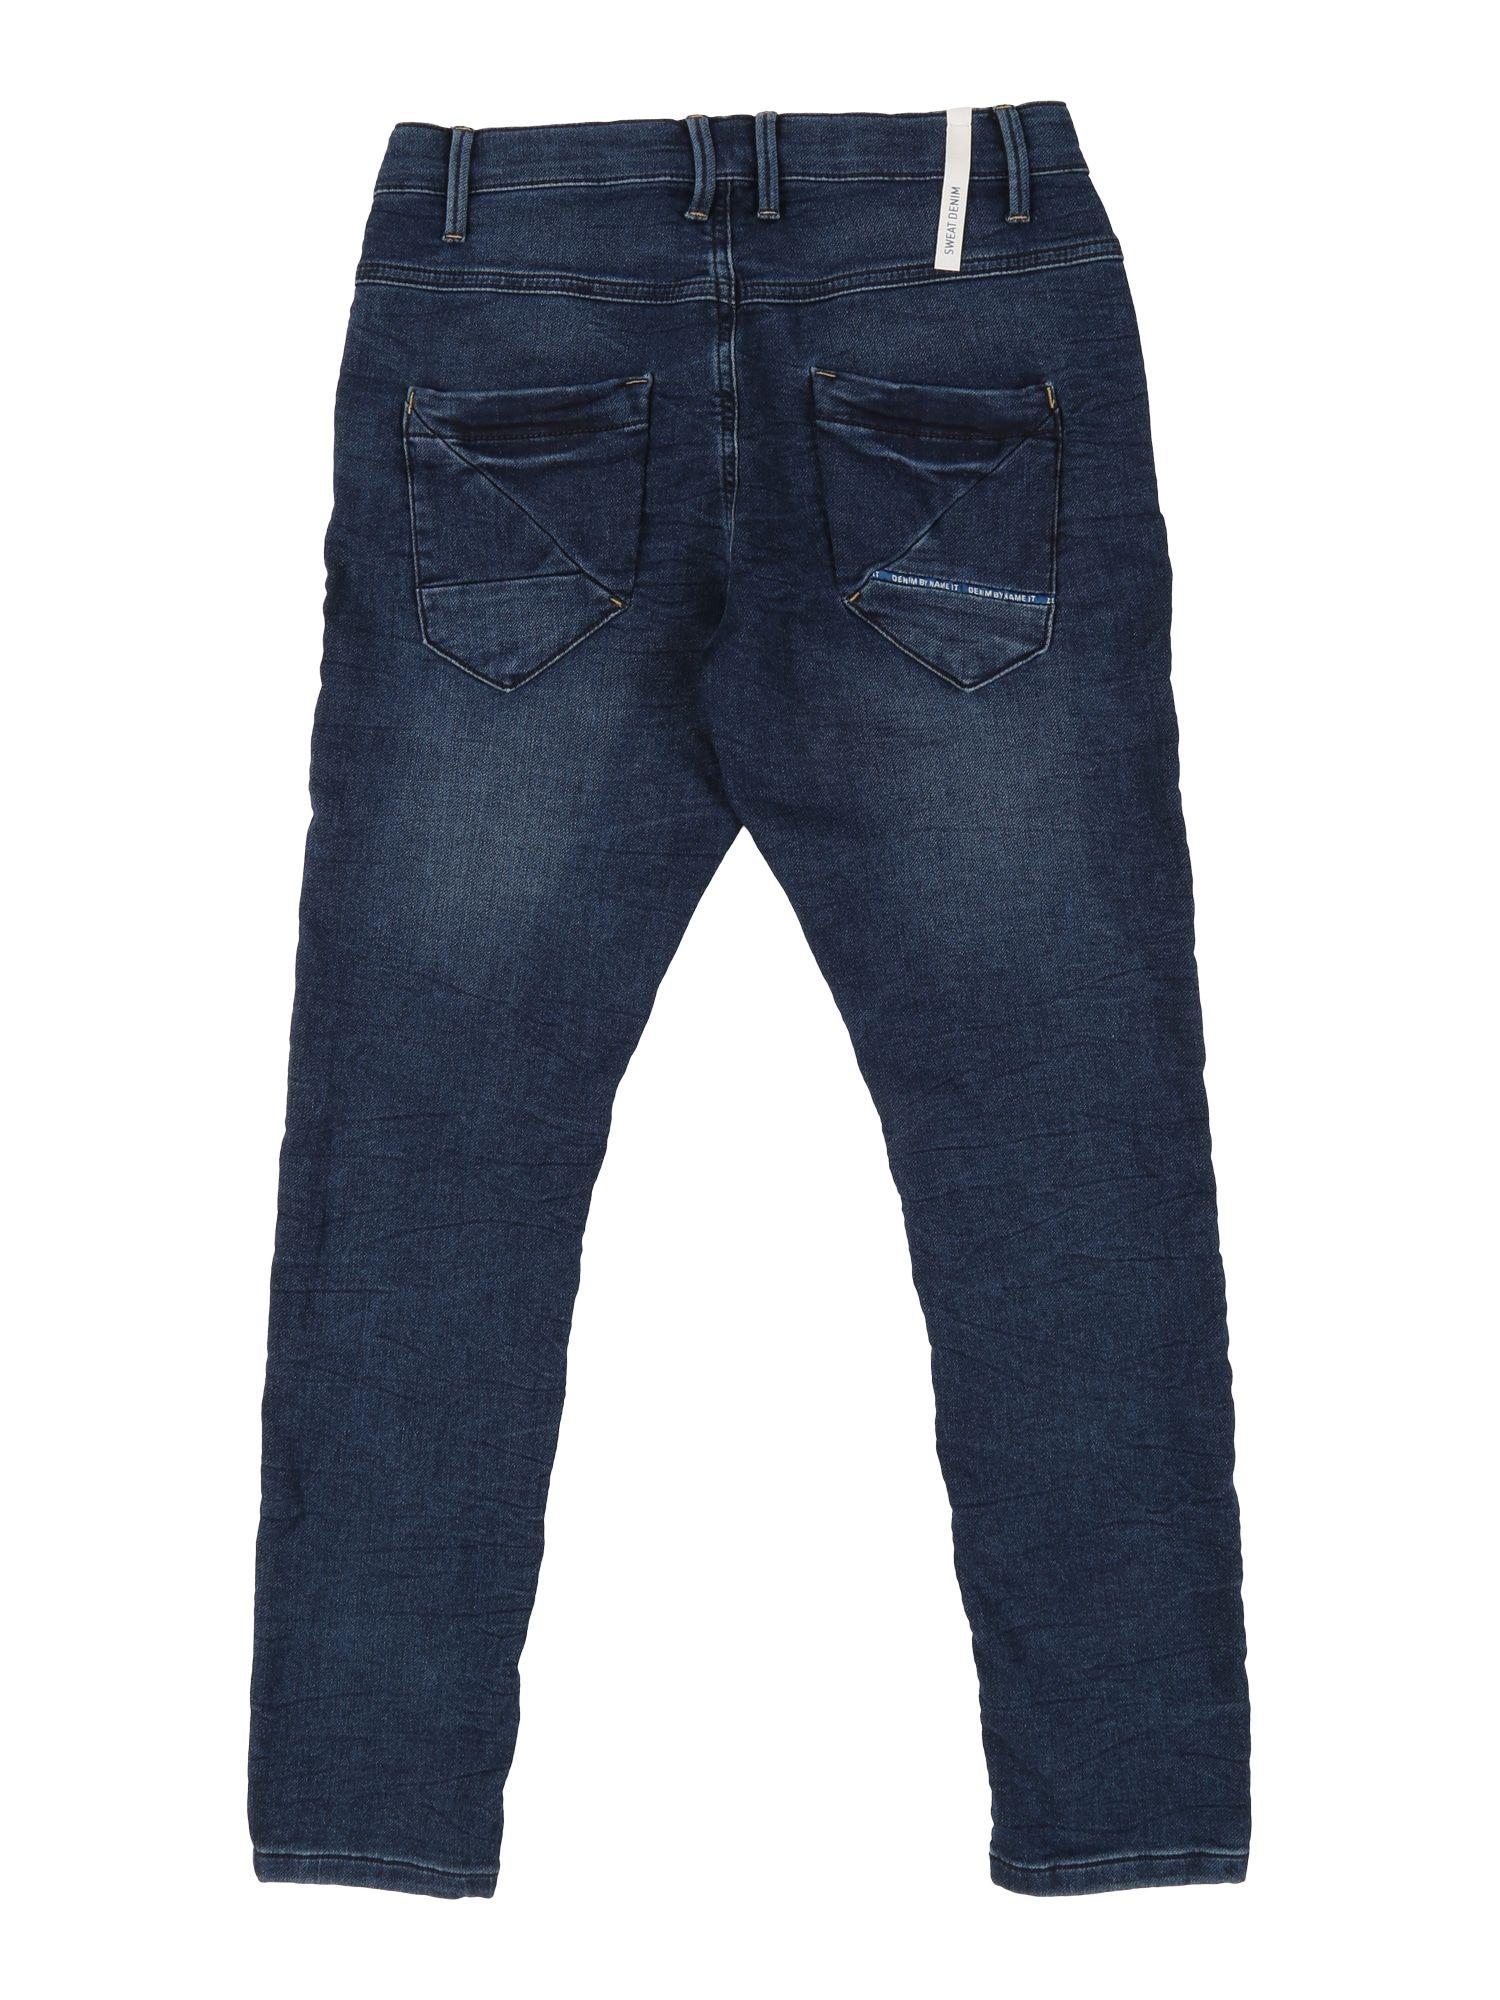 Name It Stretchjeans Nkmbabu Jungen Blue Denim Grosse 152 Jeans Denim Jeans Und Umstandsmode